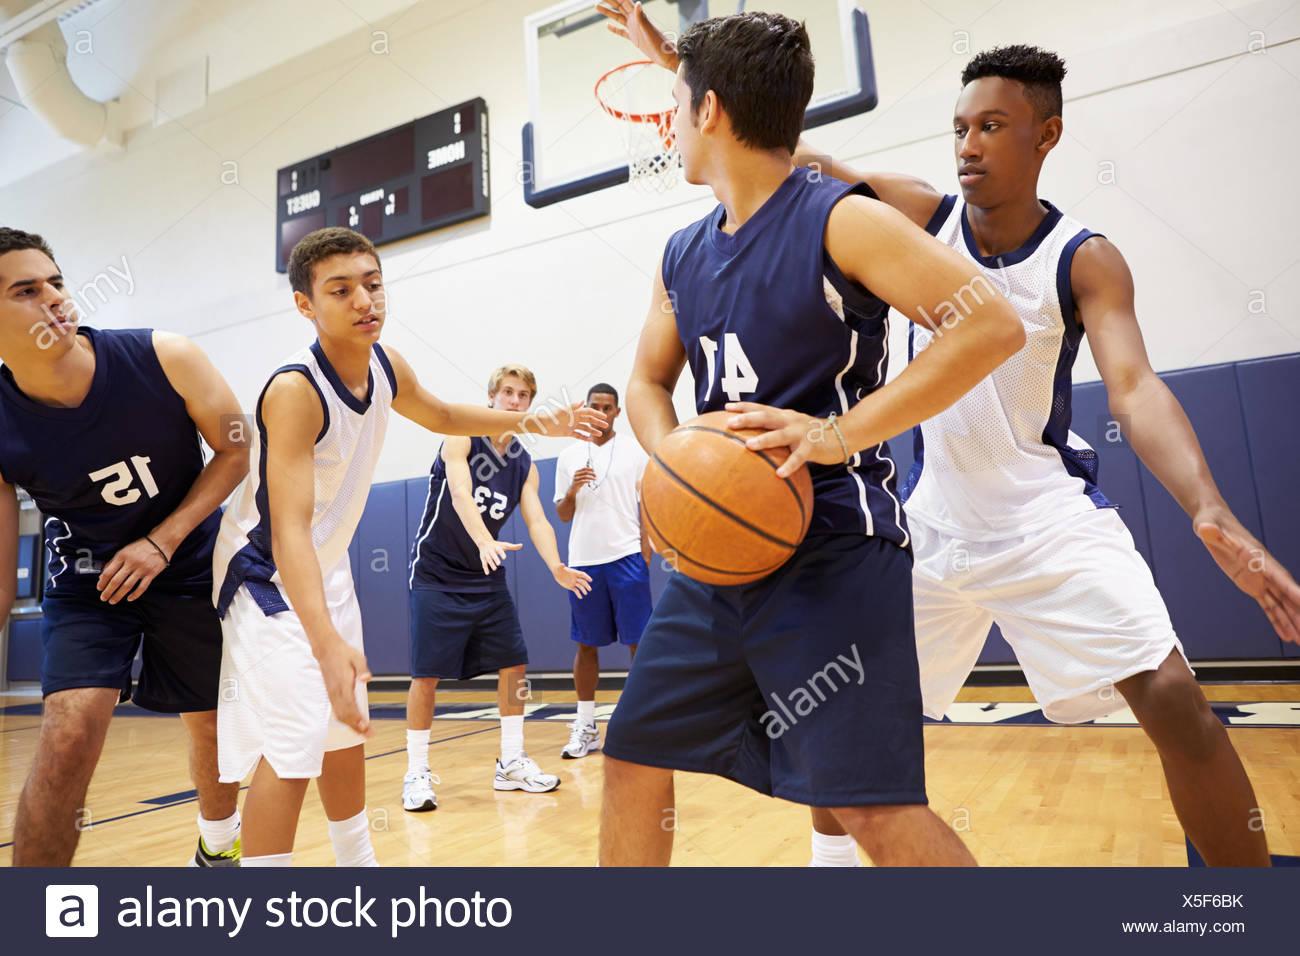 Equipo de baloncesto de la Escuela Secundaria Masculina Jugando Imagen De Stock